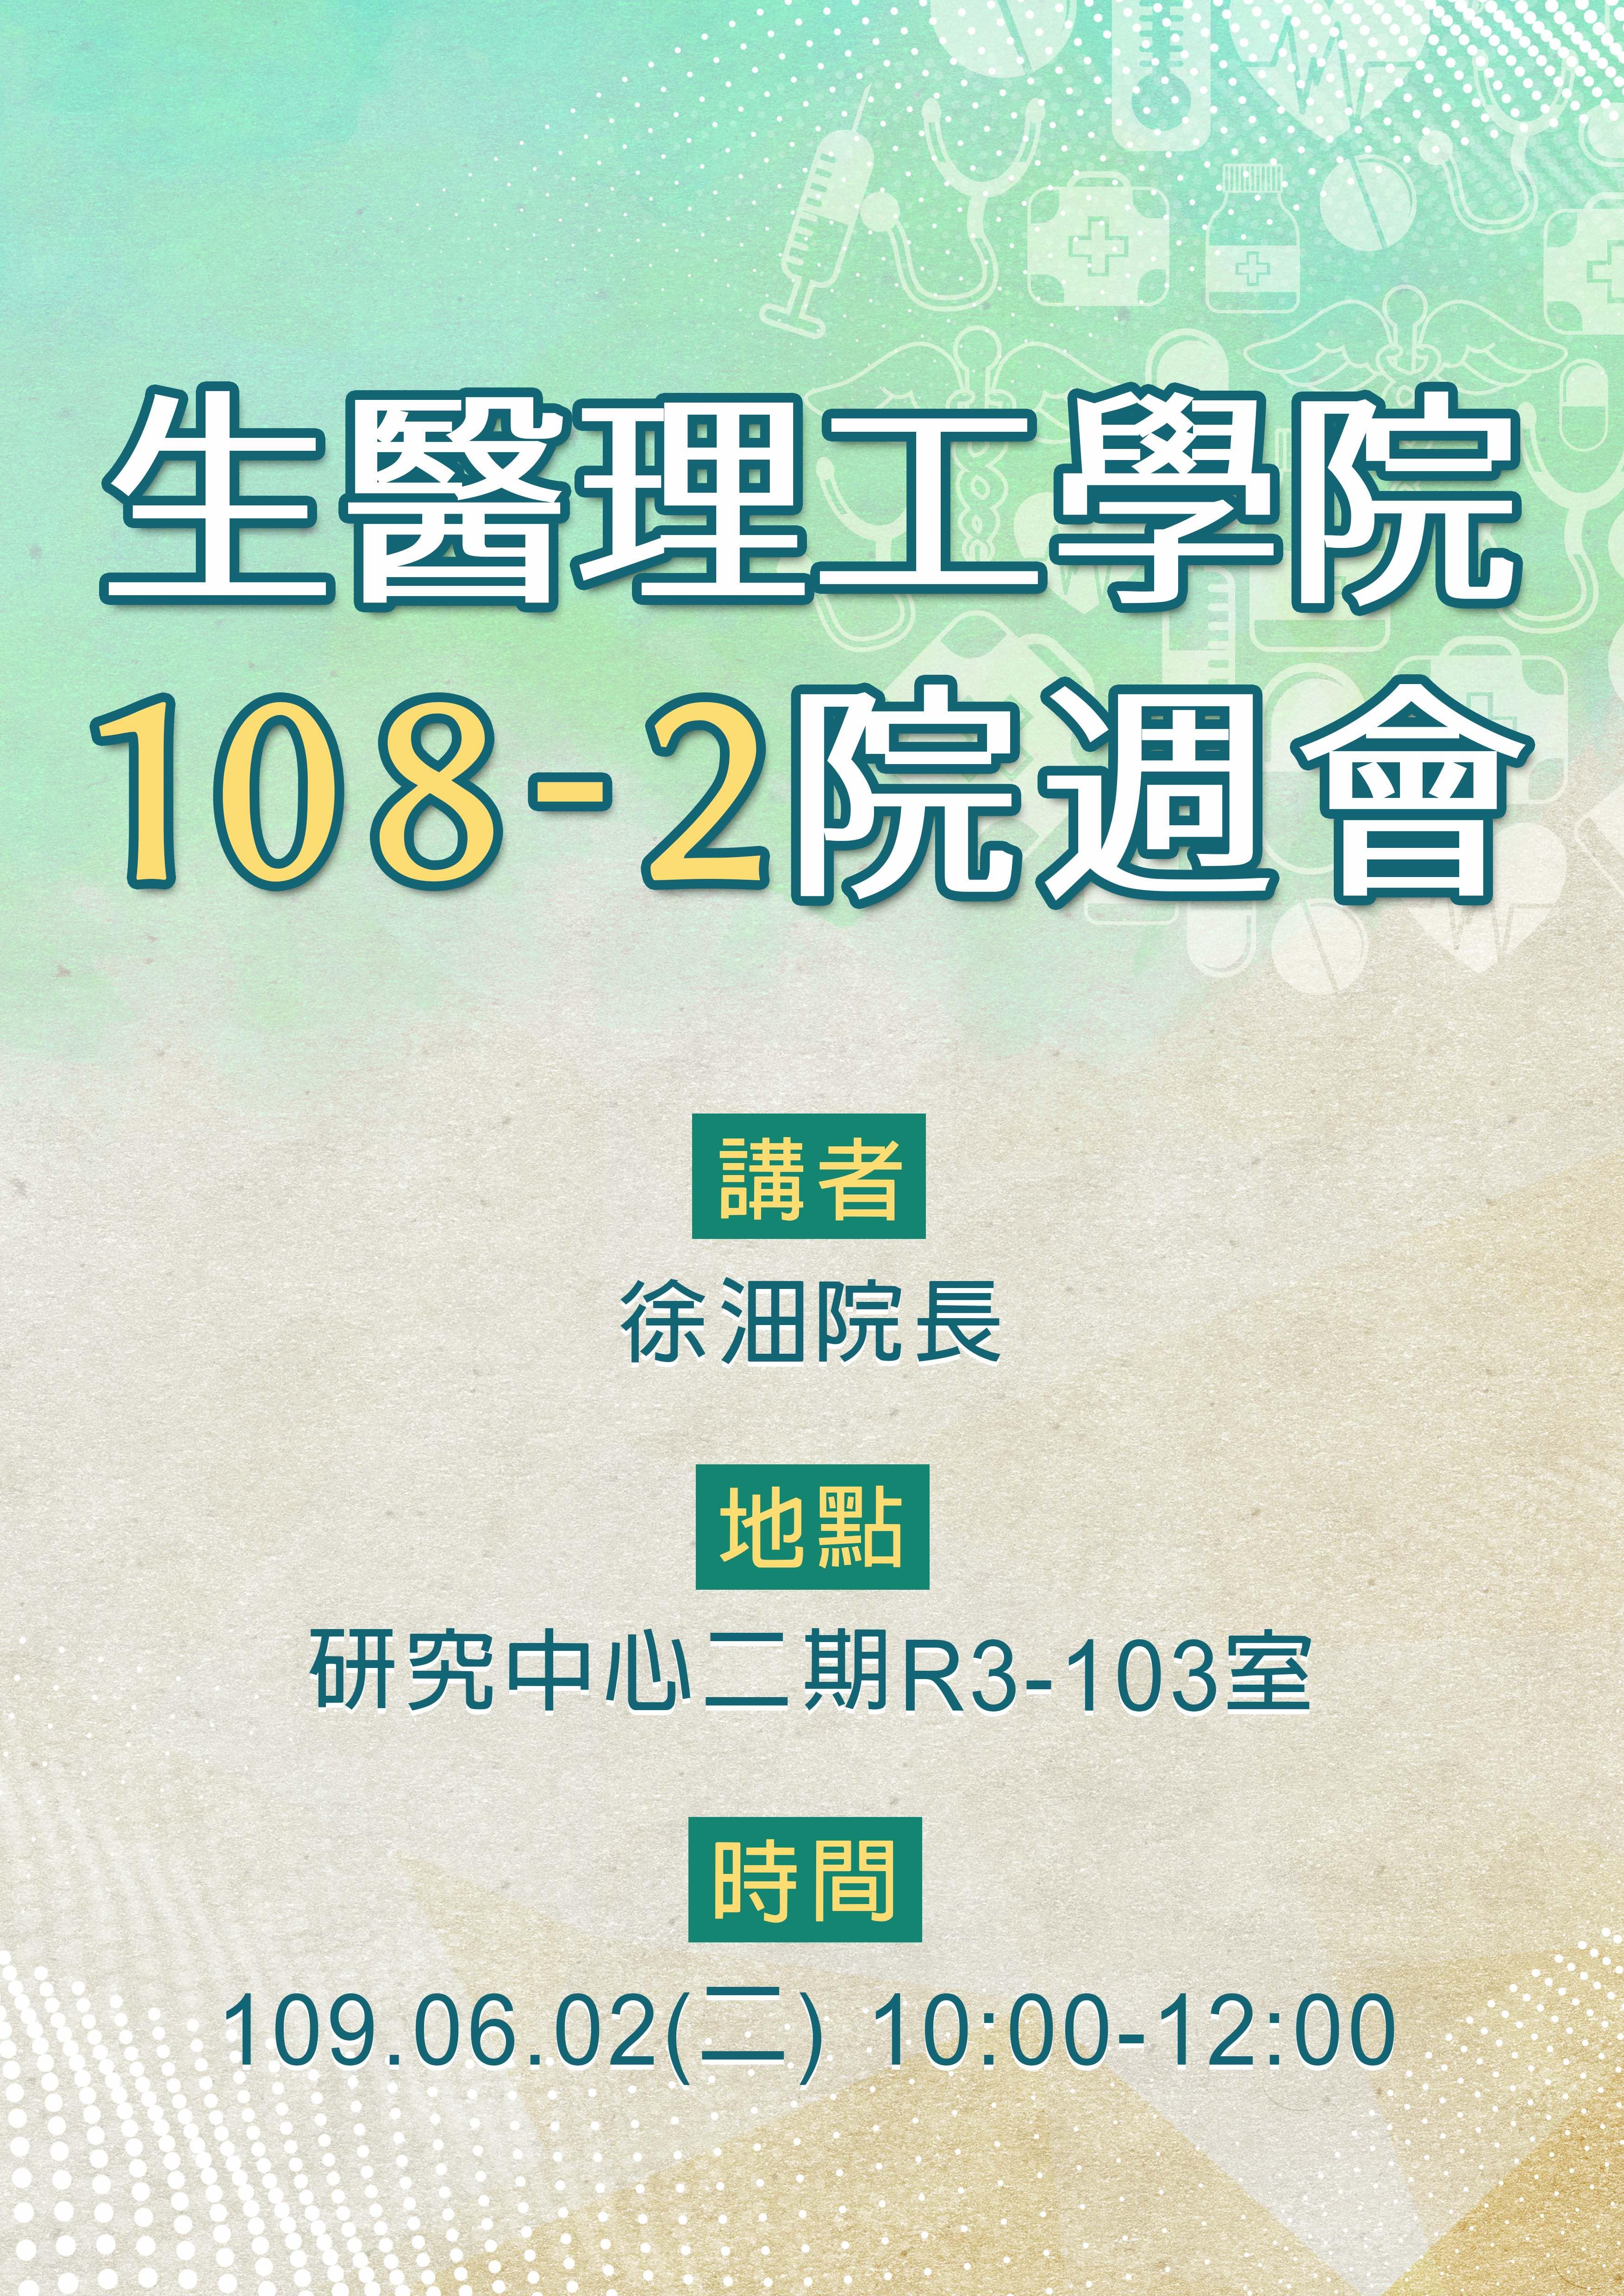 【演講】生醫理工學院108-2院周會時間(109.06.02)